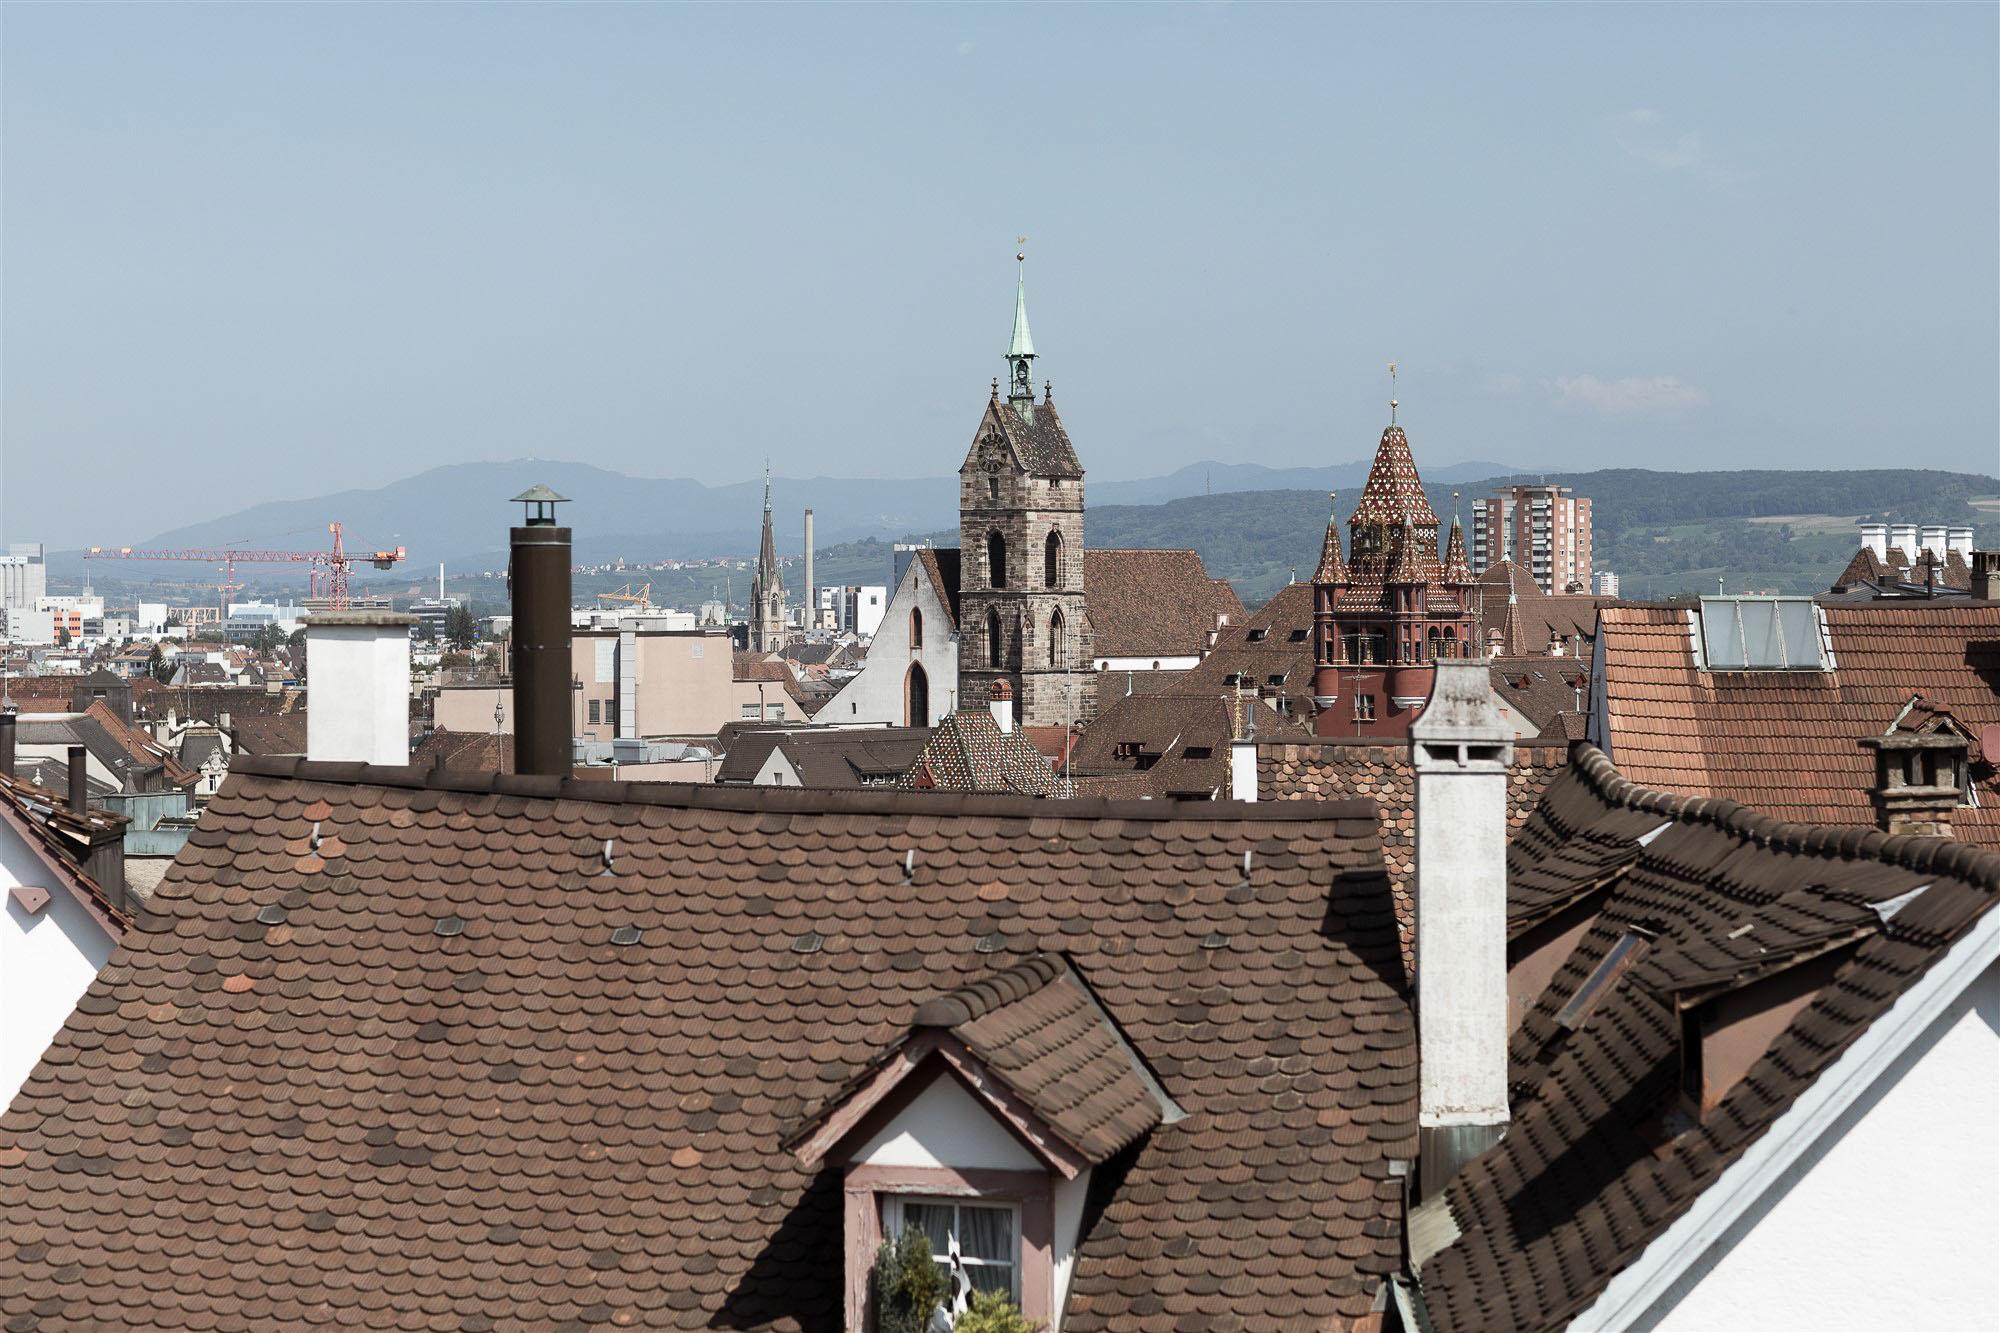 Ausblick - über den Dächern von Basel - Hochzeit - Hochzeitsfotograf Nicole Kym